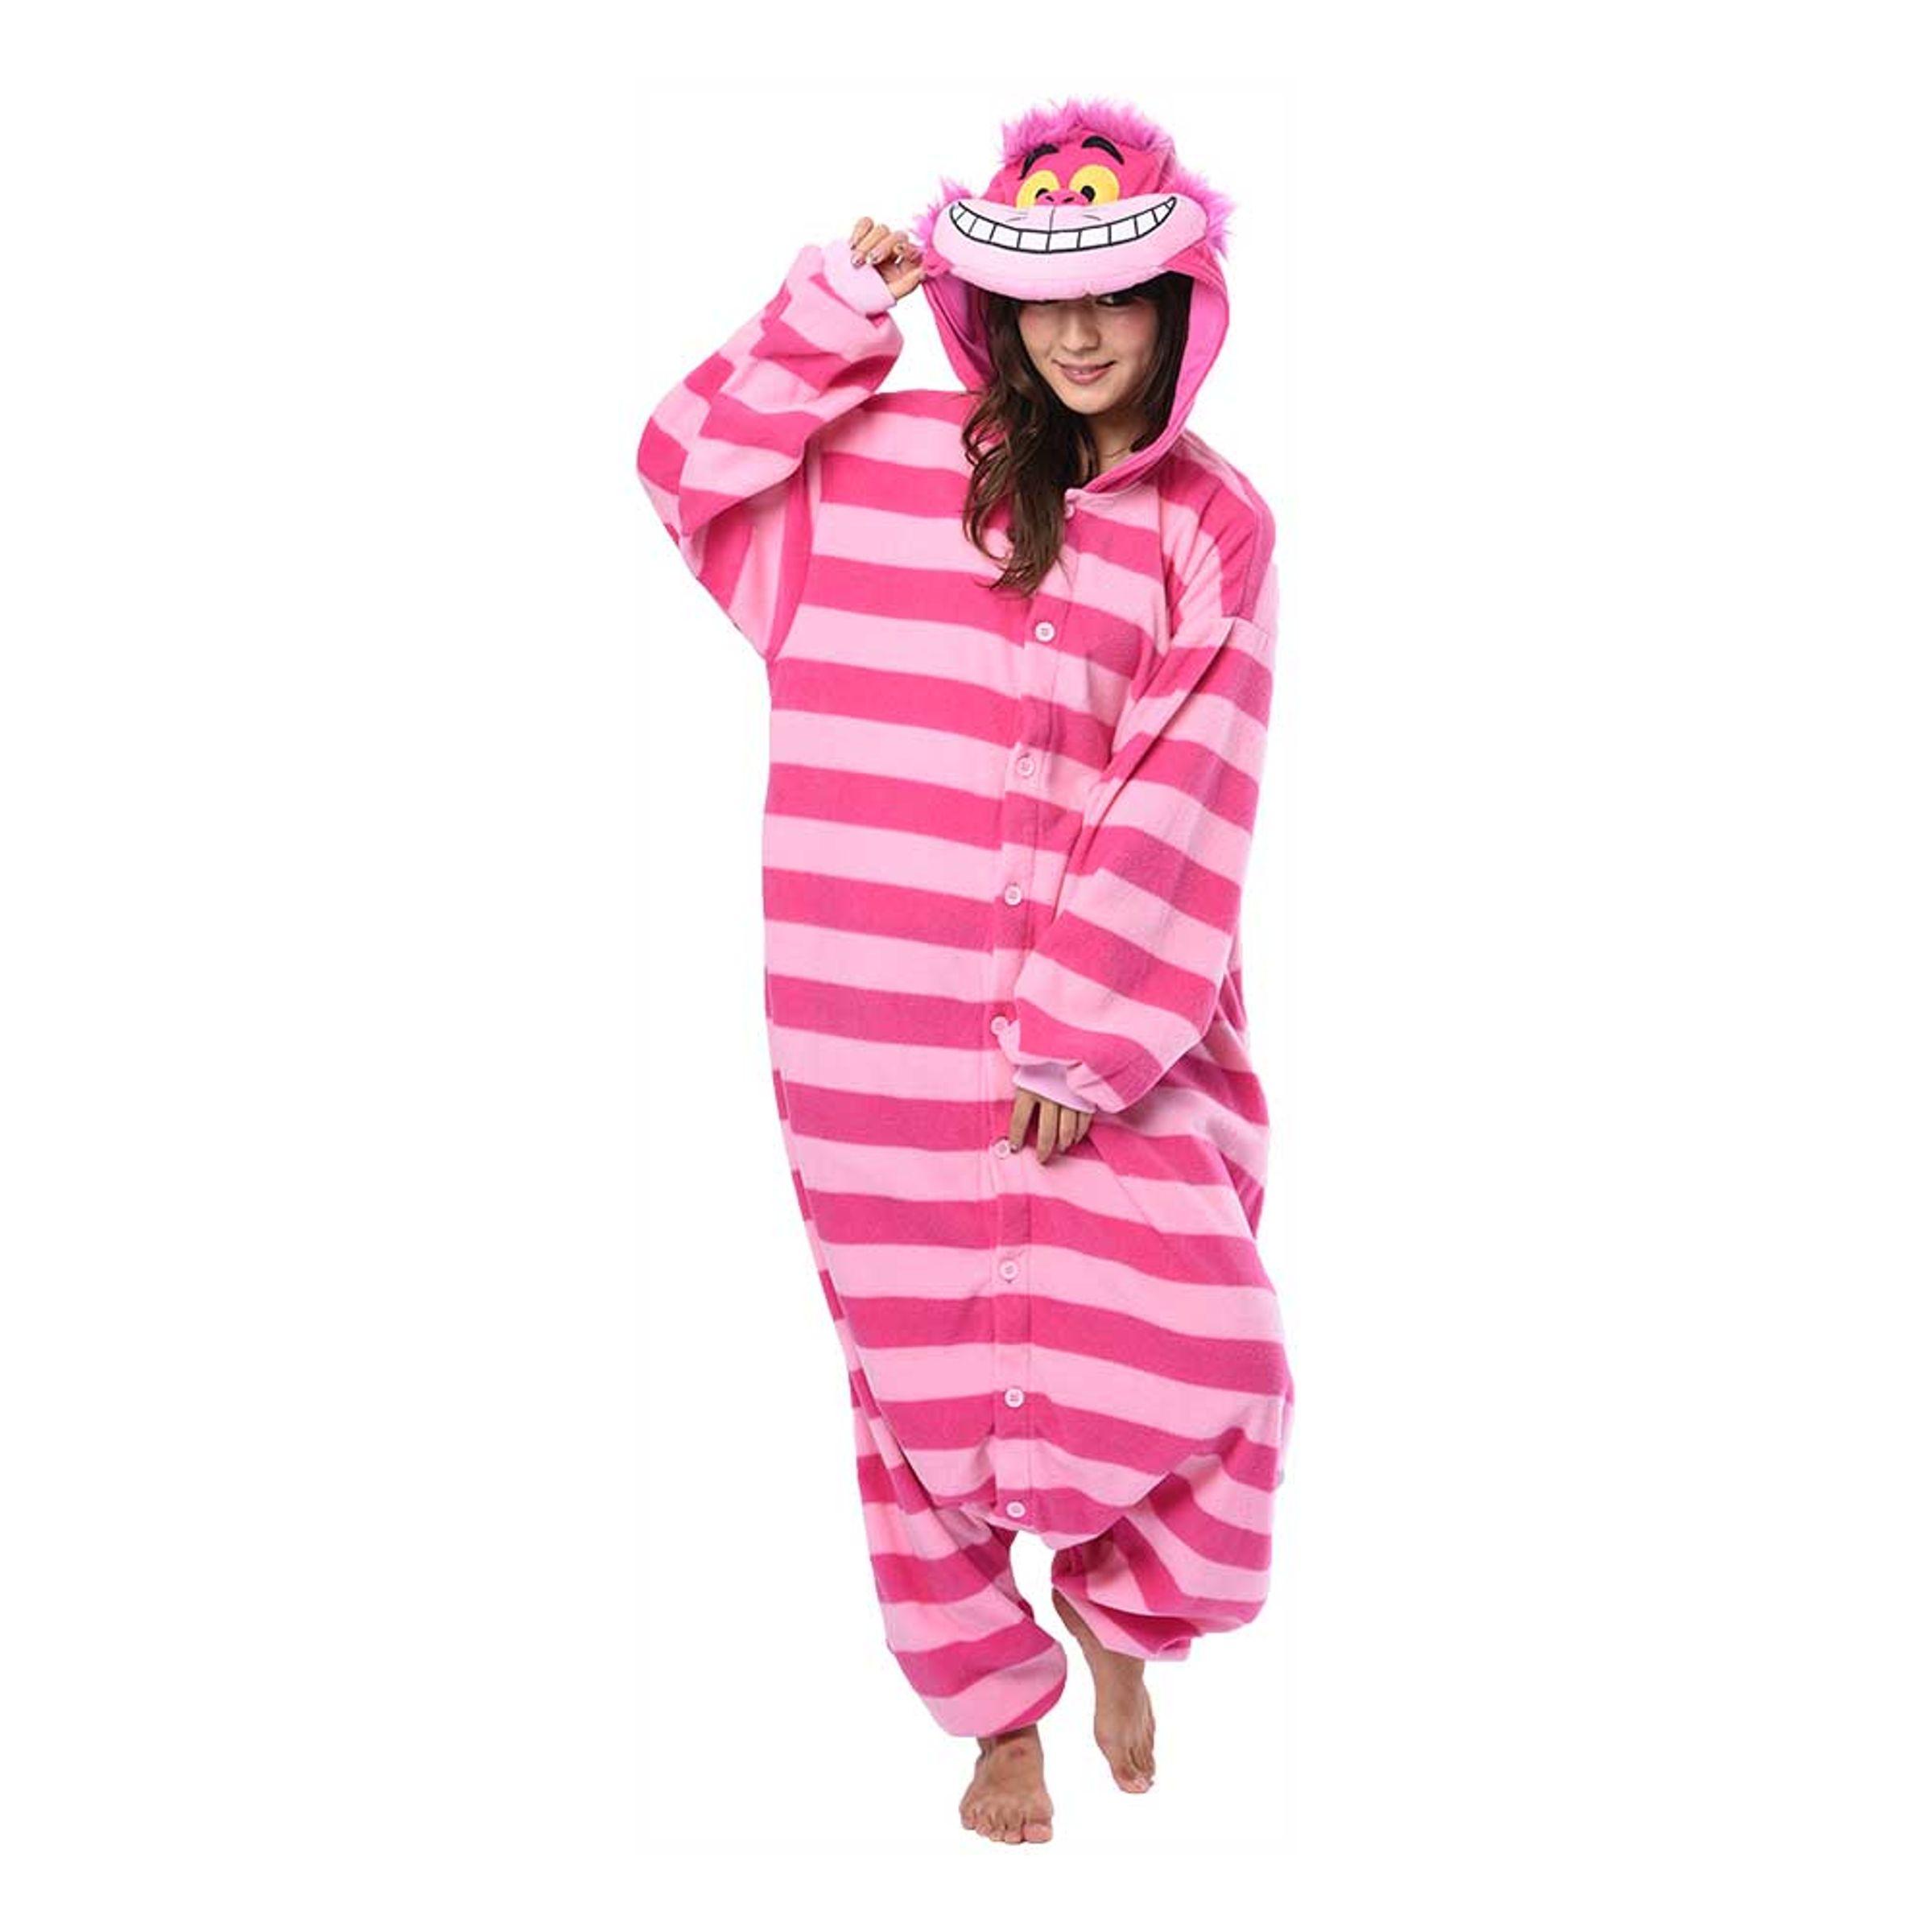 Cheshire Cat Kigurumi - Medium   Hem//Teman//Färger//Rosa   Partyoutlet